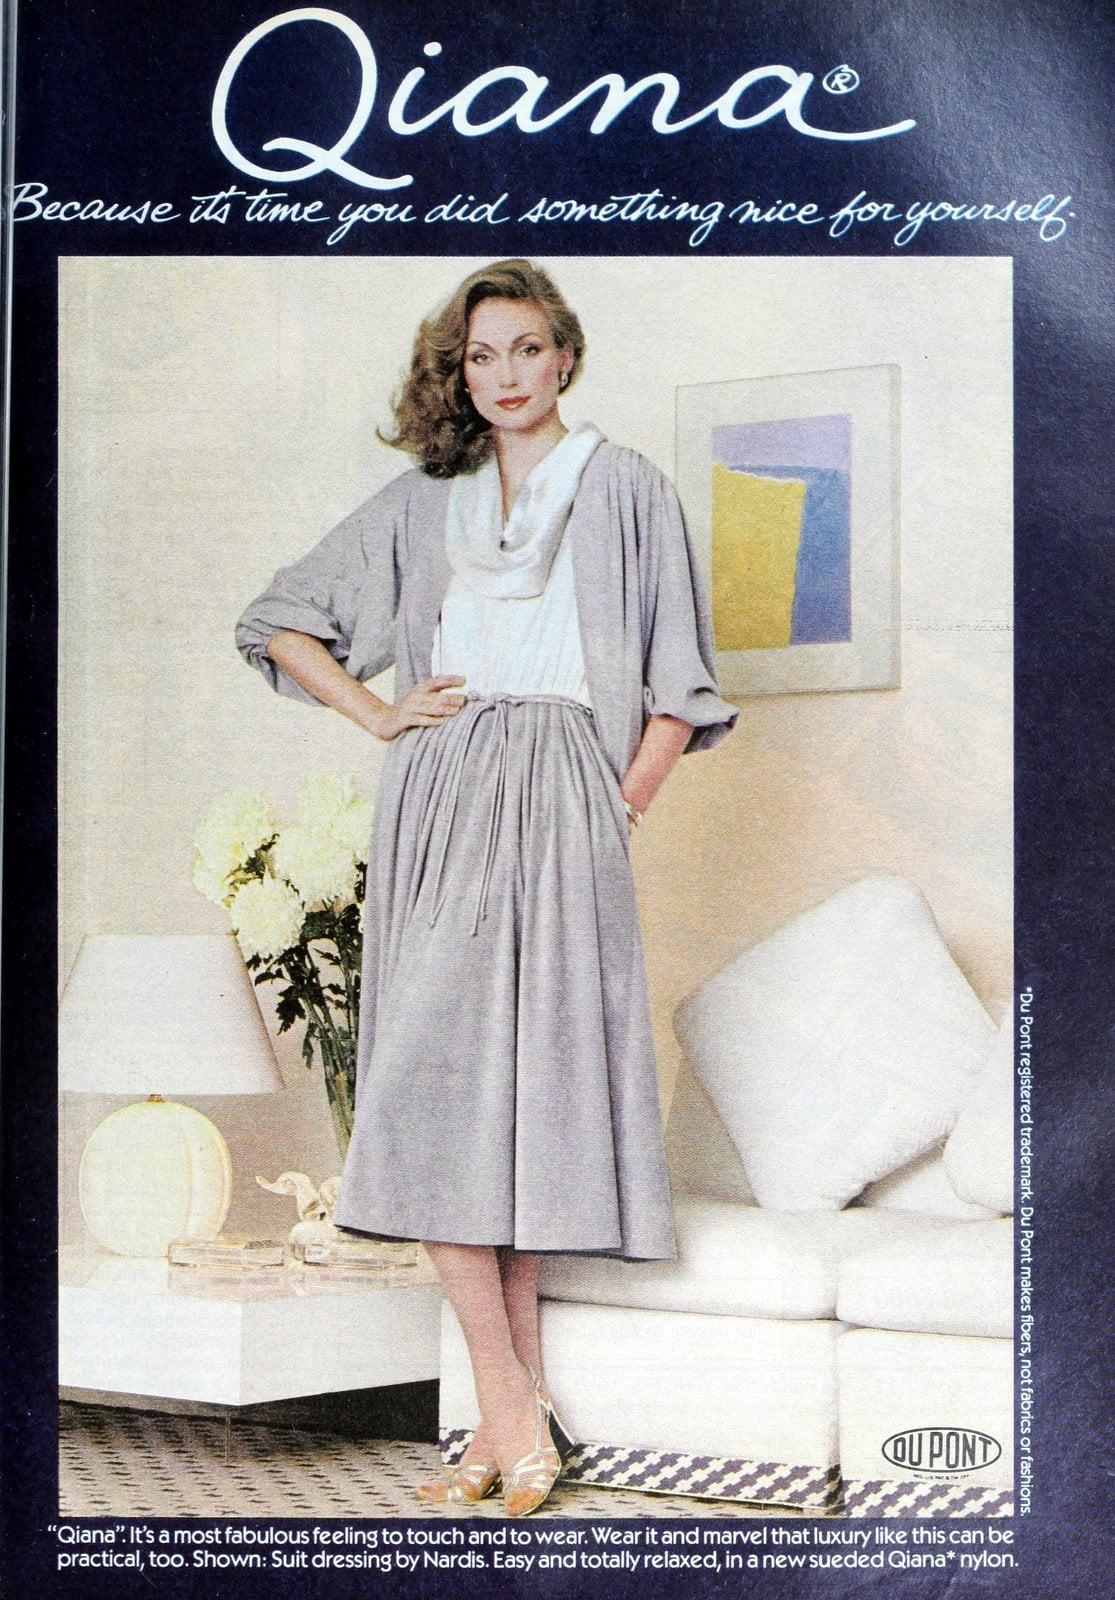 Qiana dress - Nylon clothing from 1978